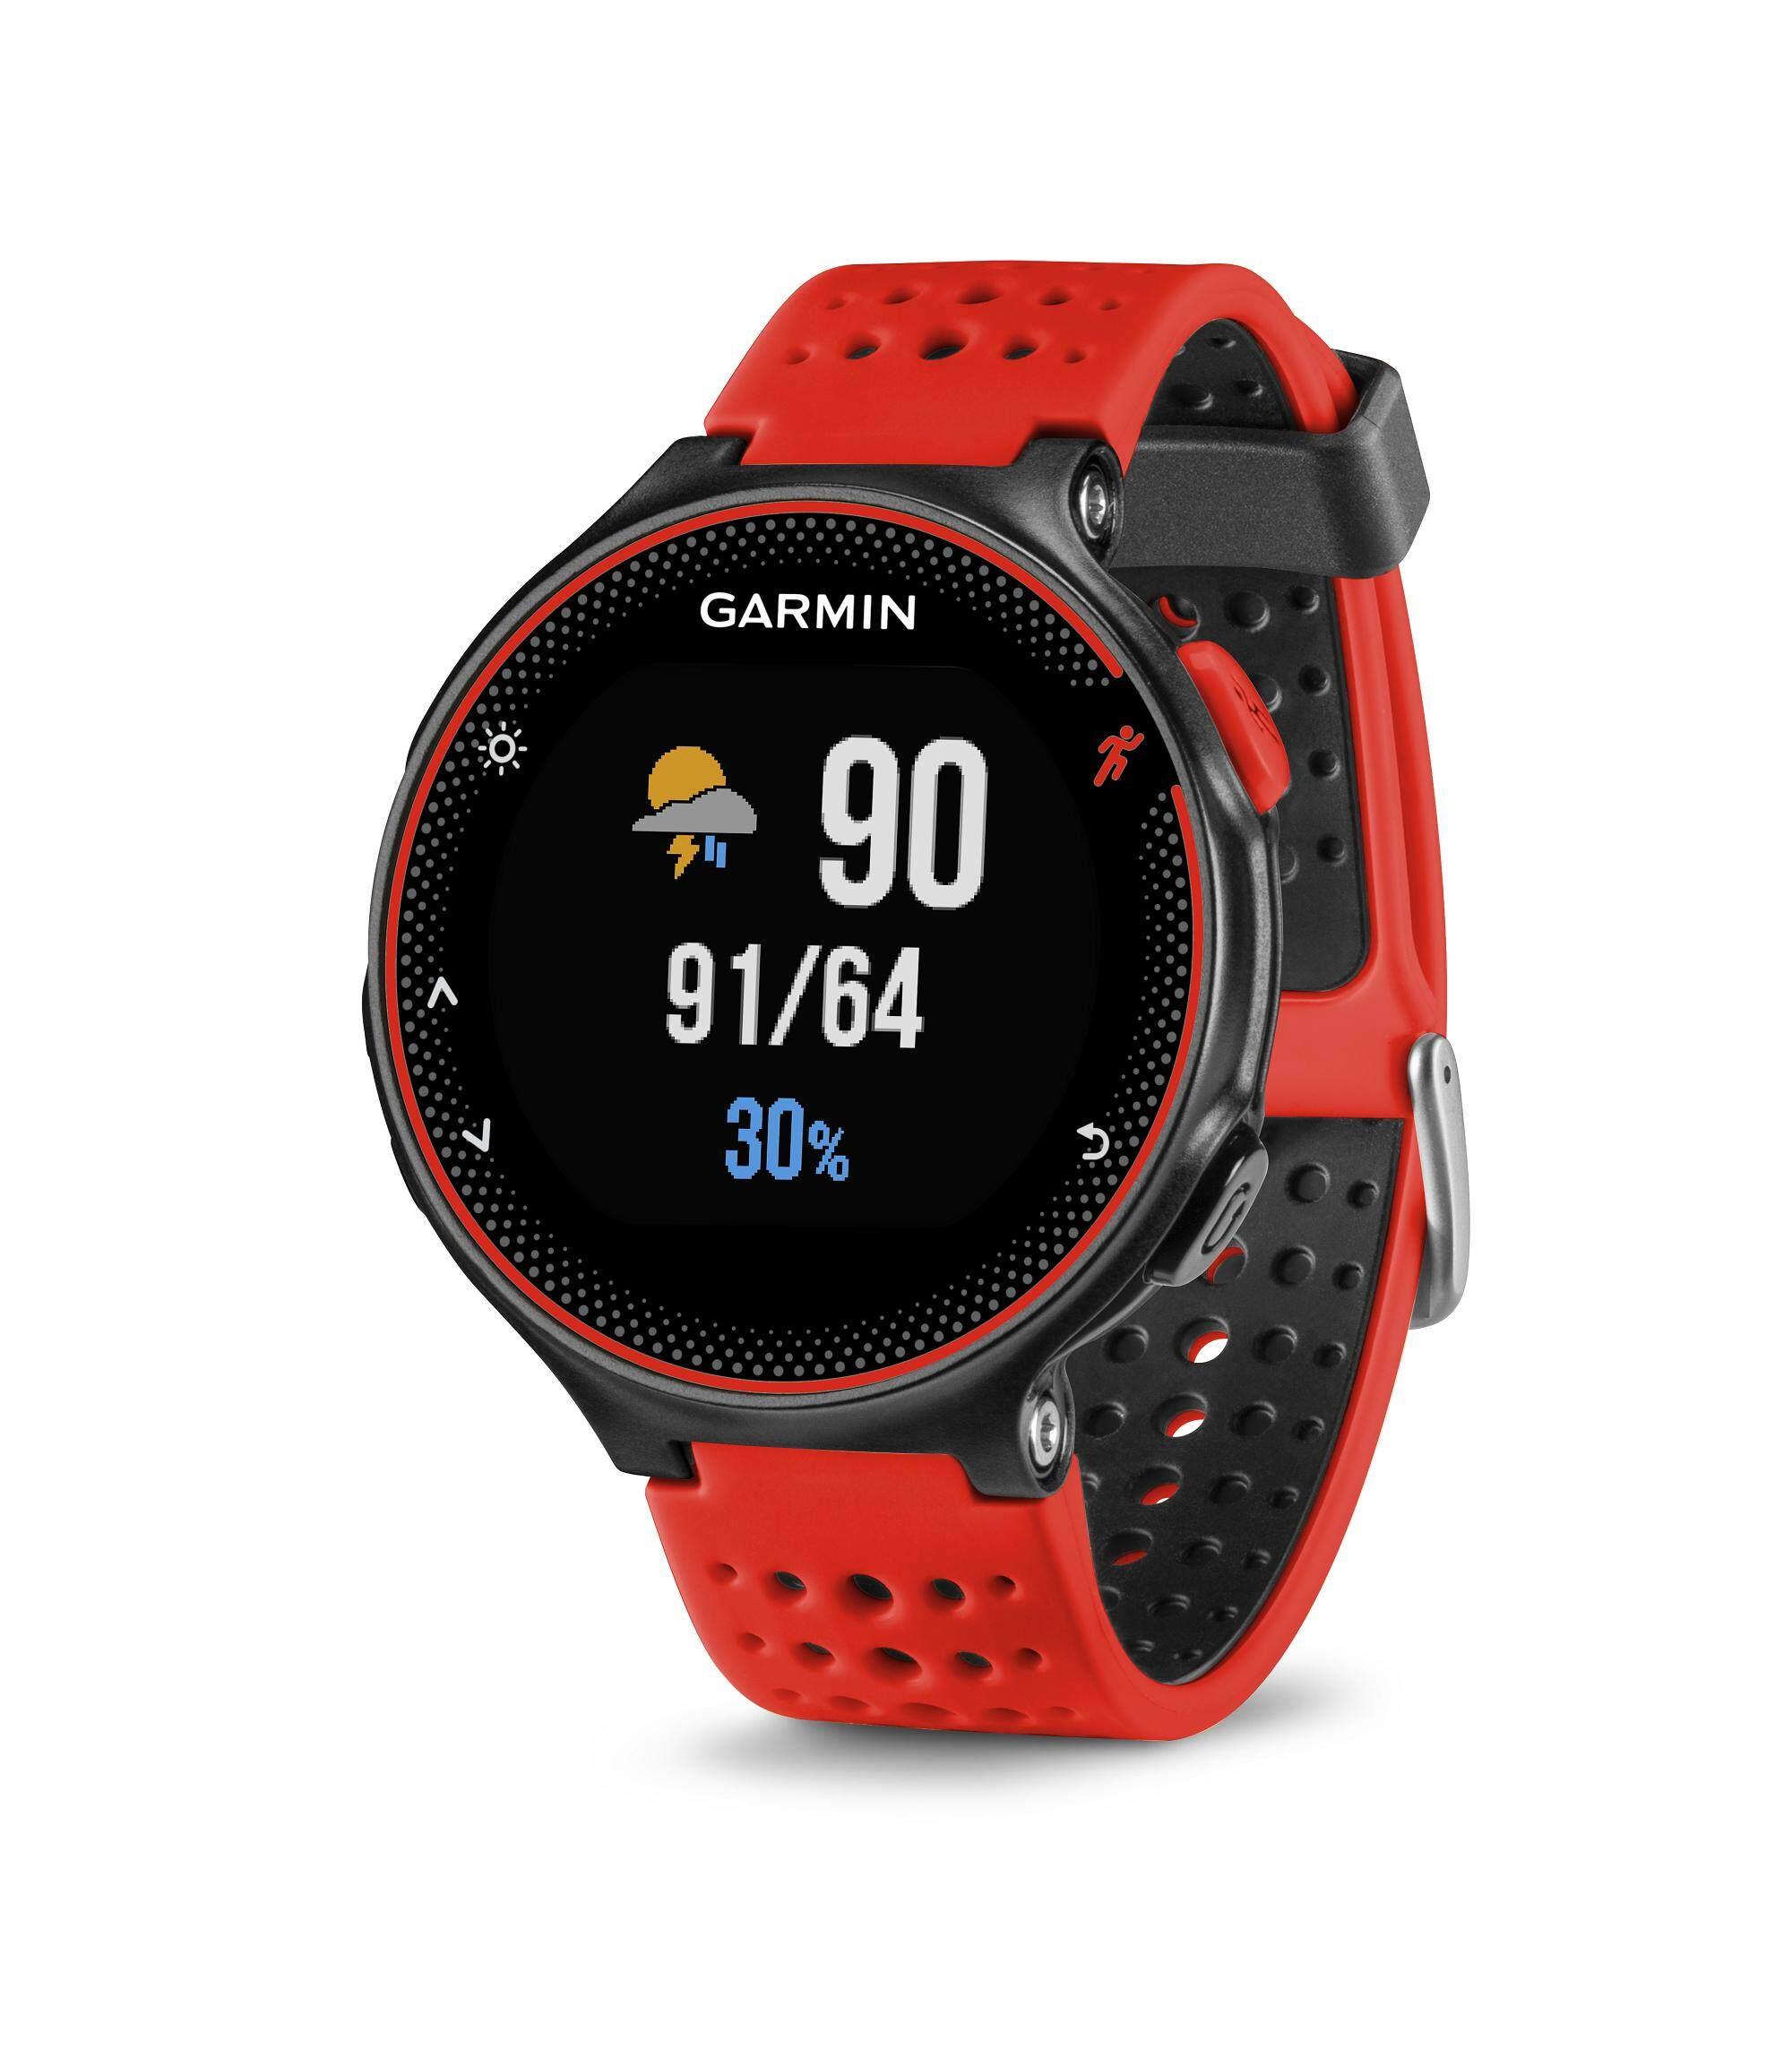 การใช้งาน  ตาก Garmin Forerunner 235 (One Band) นาฬิกา GPS สำหรับการวิ่งพร้อมการวัดอัตราการเต้นหัวใจที่ข้อมือ